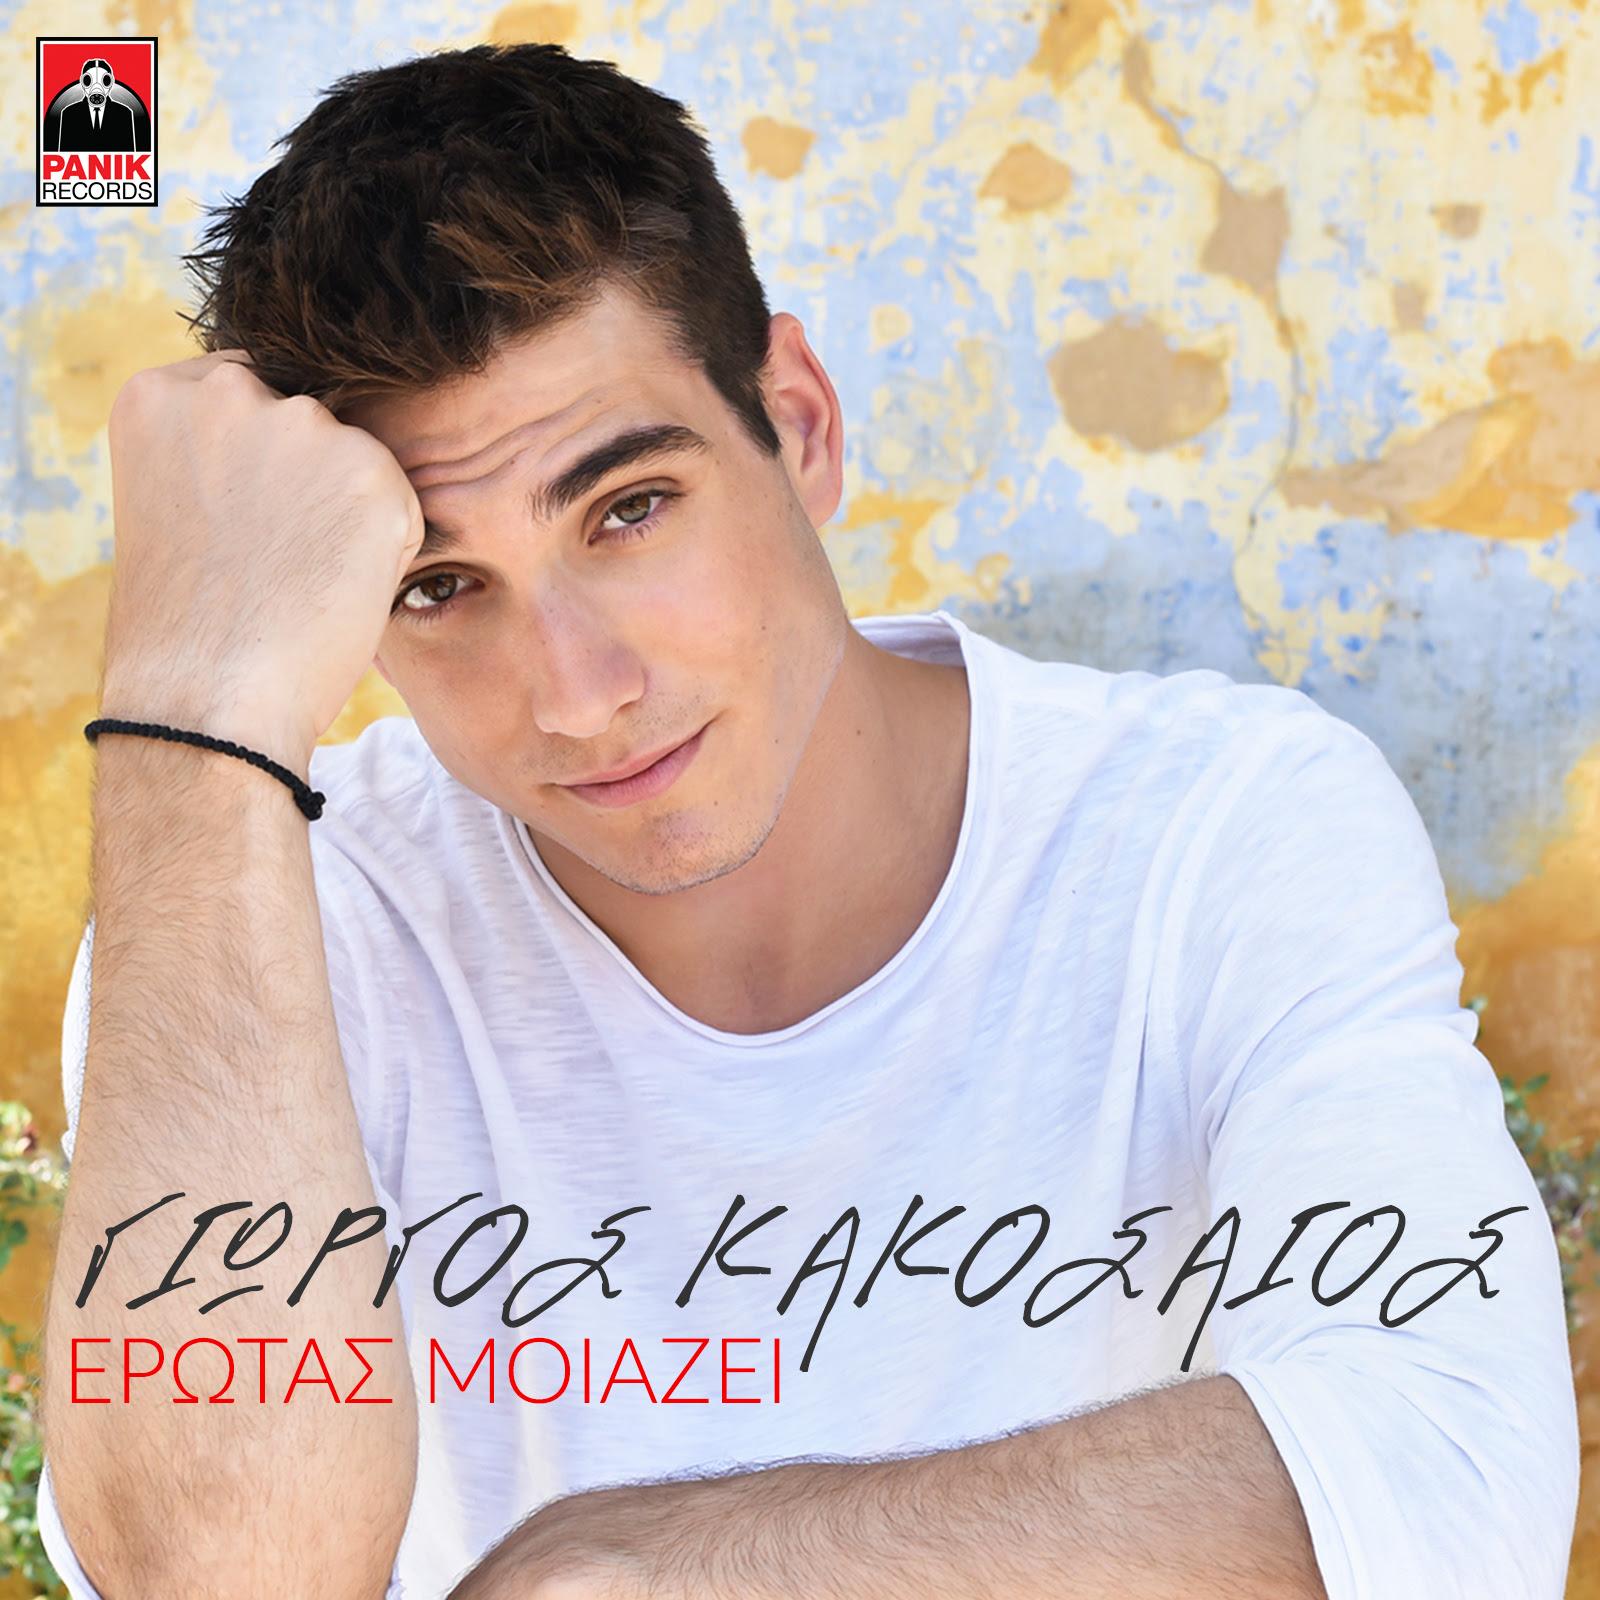 Γιώργος Κακοσαίος – «Έρωτας Μοιάζει»:  Το music video κυκλοφορεί!